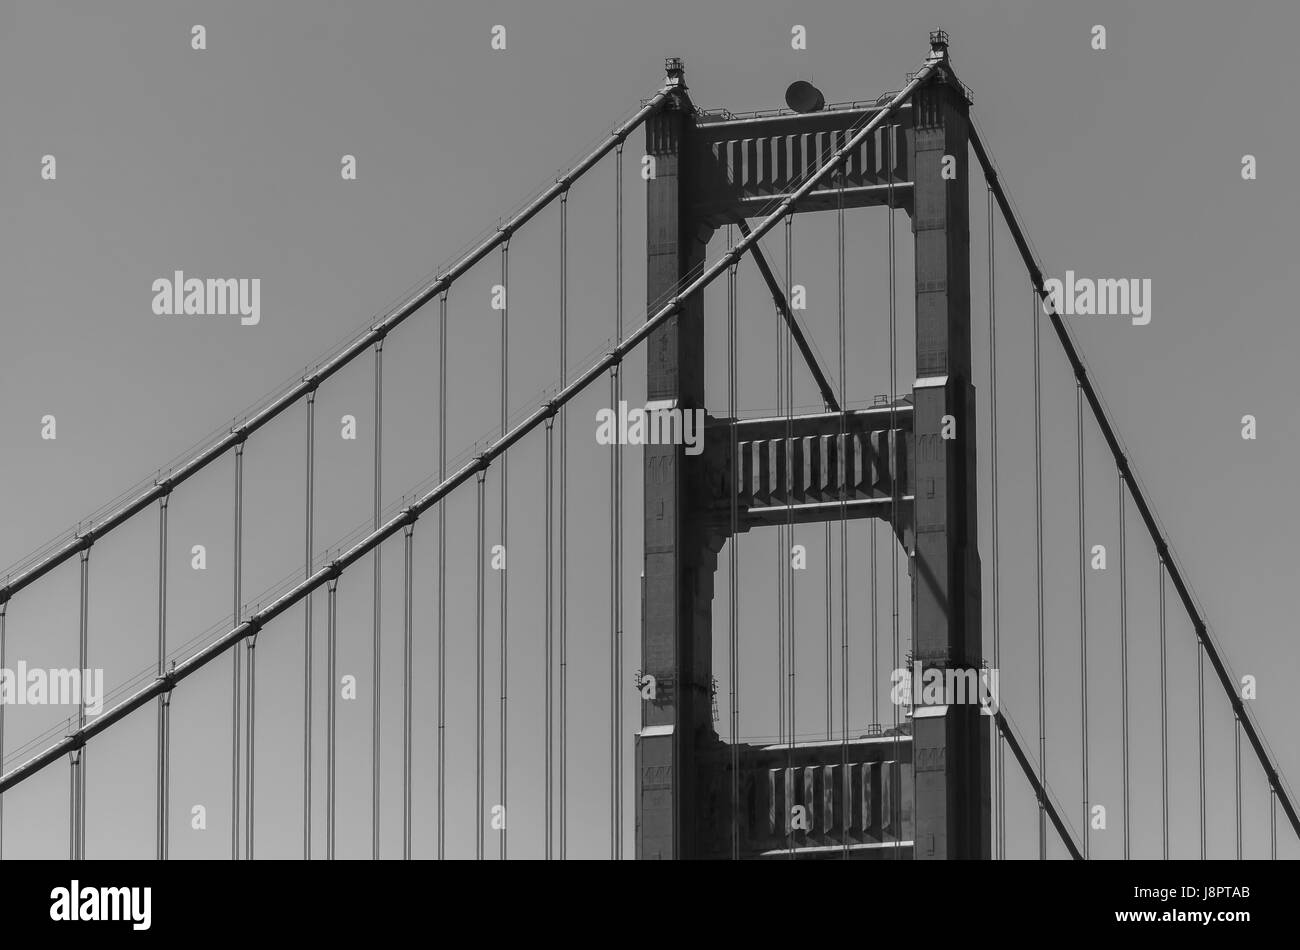 Eine Nahaufnahme auf die Strukturen der legendären Golden Gate Bridge in San Francisco, USA Stockbild